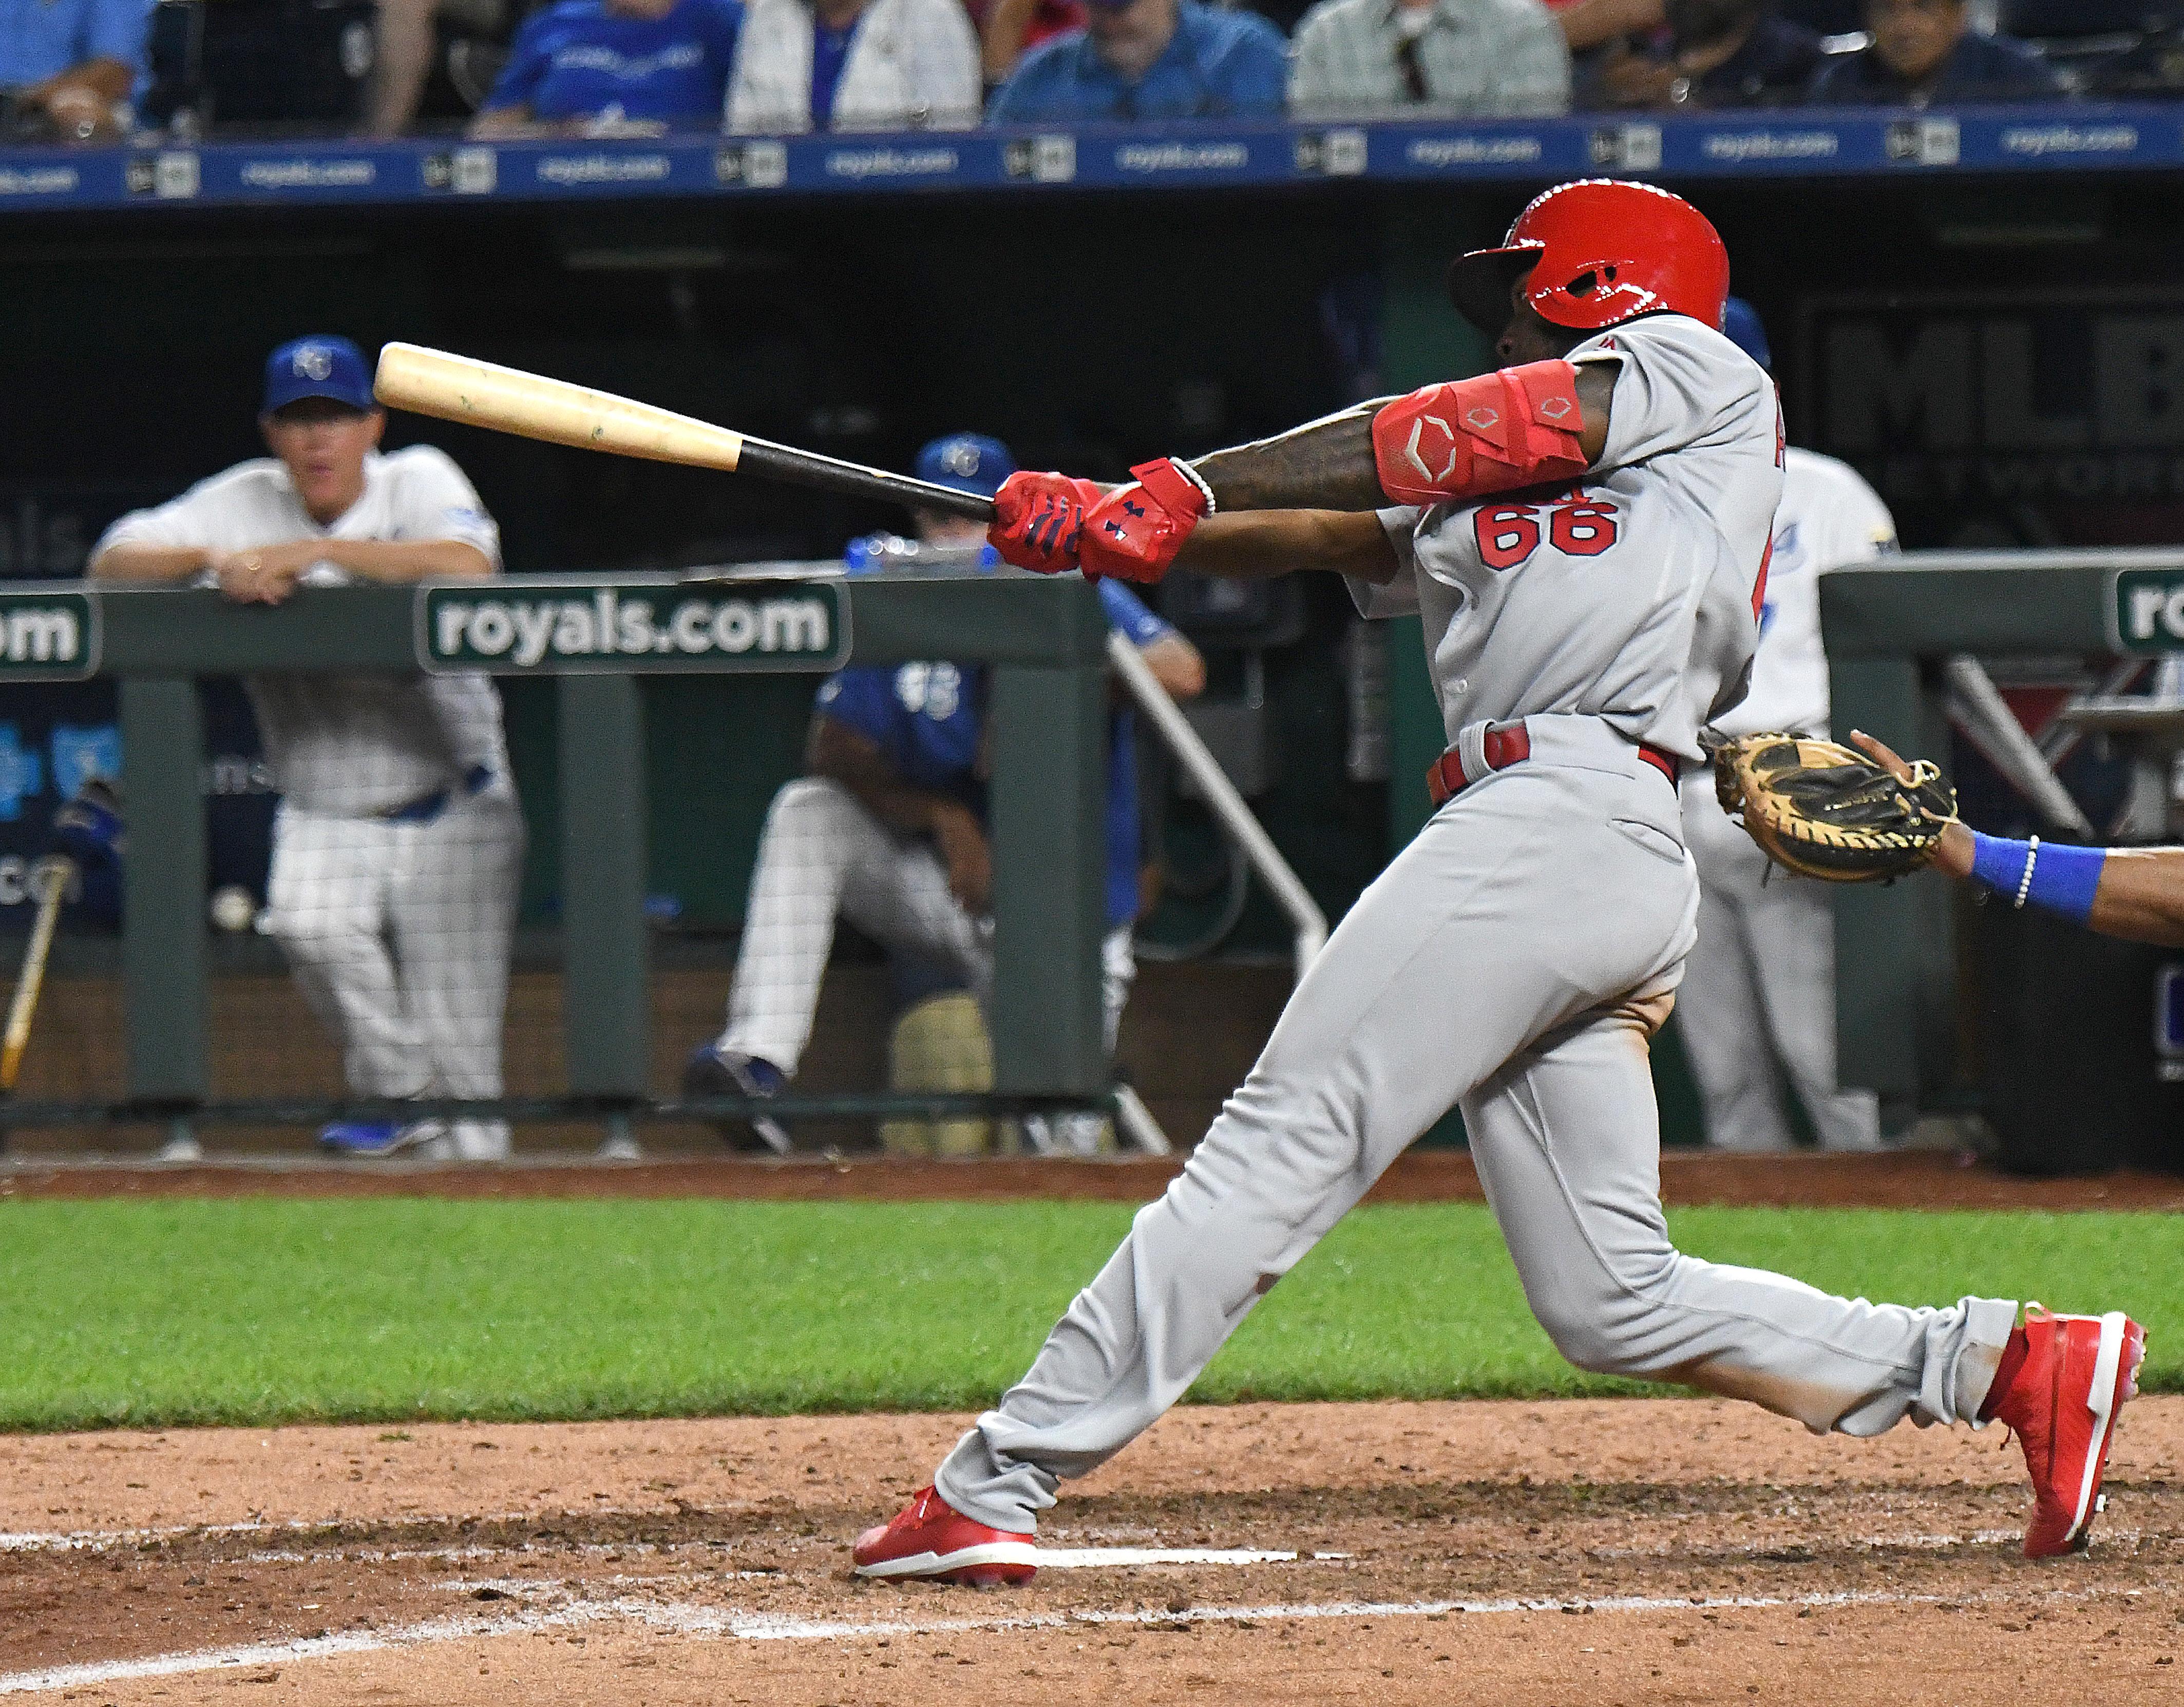 MLB: AUG 14 Cardinals at Royals